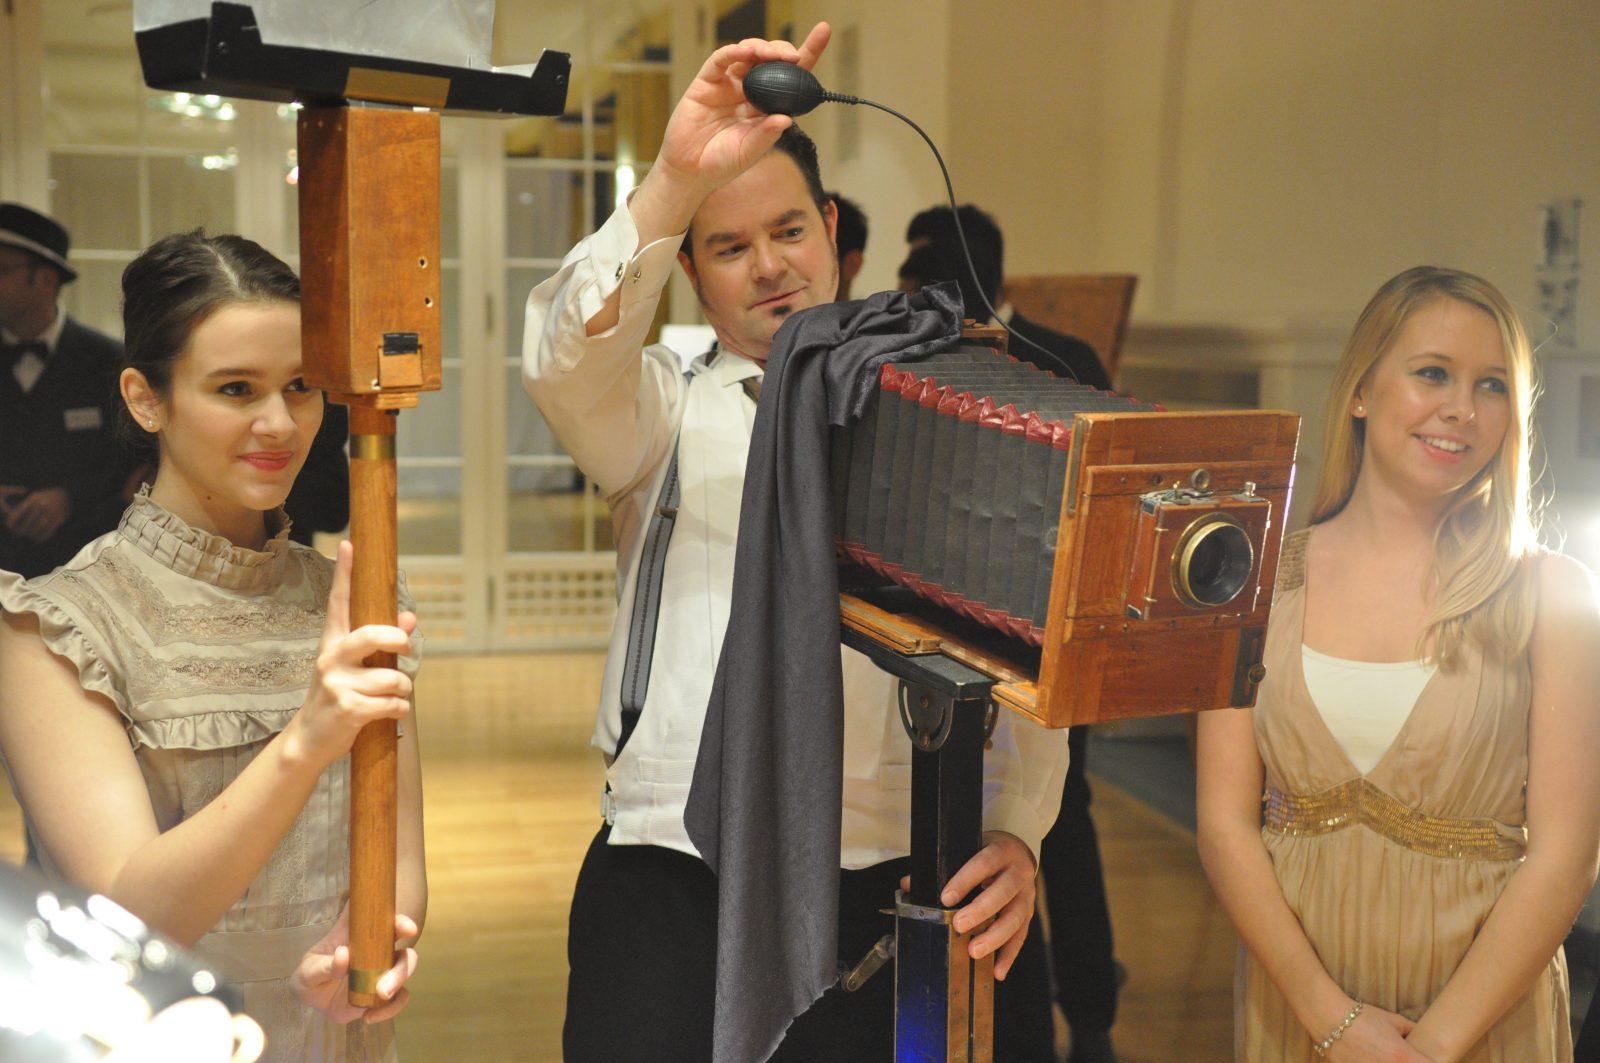 Eventfotografie mit einer alten Kamera